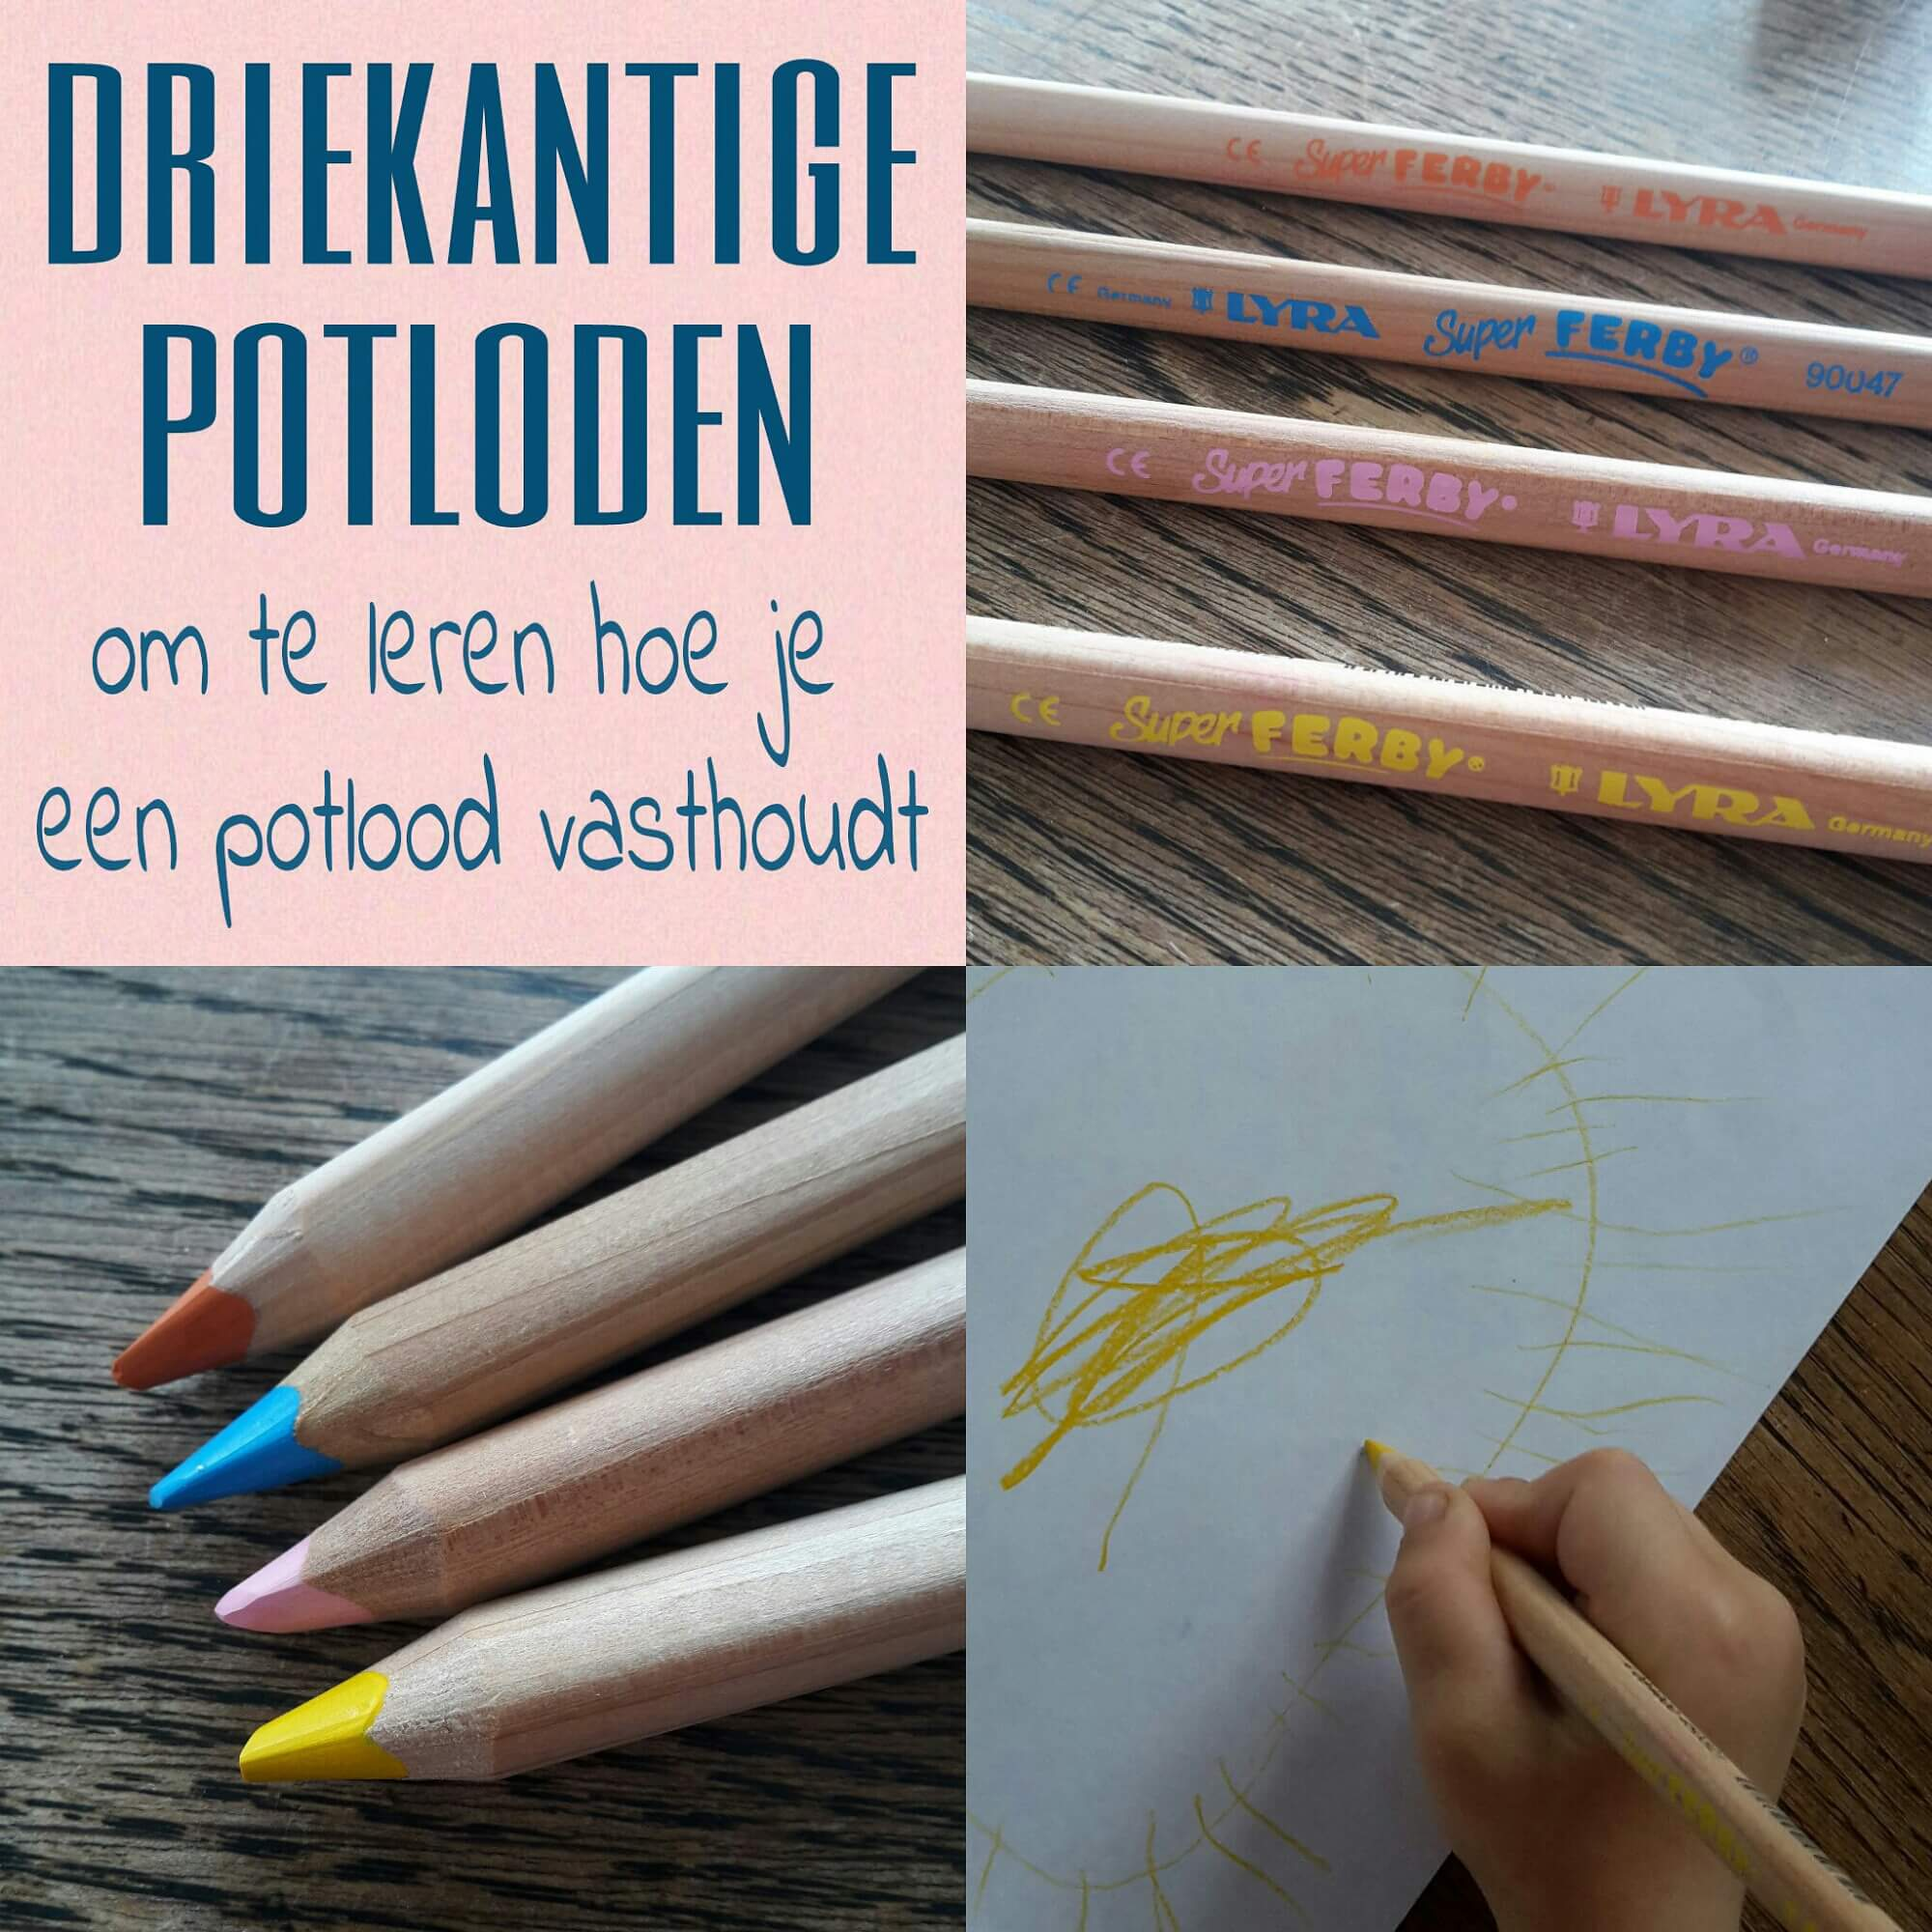 Tip: driekantige potloden om je kleuter te leren hoe je een potlood vasthoudt